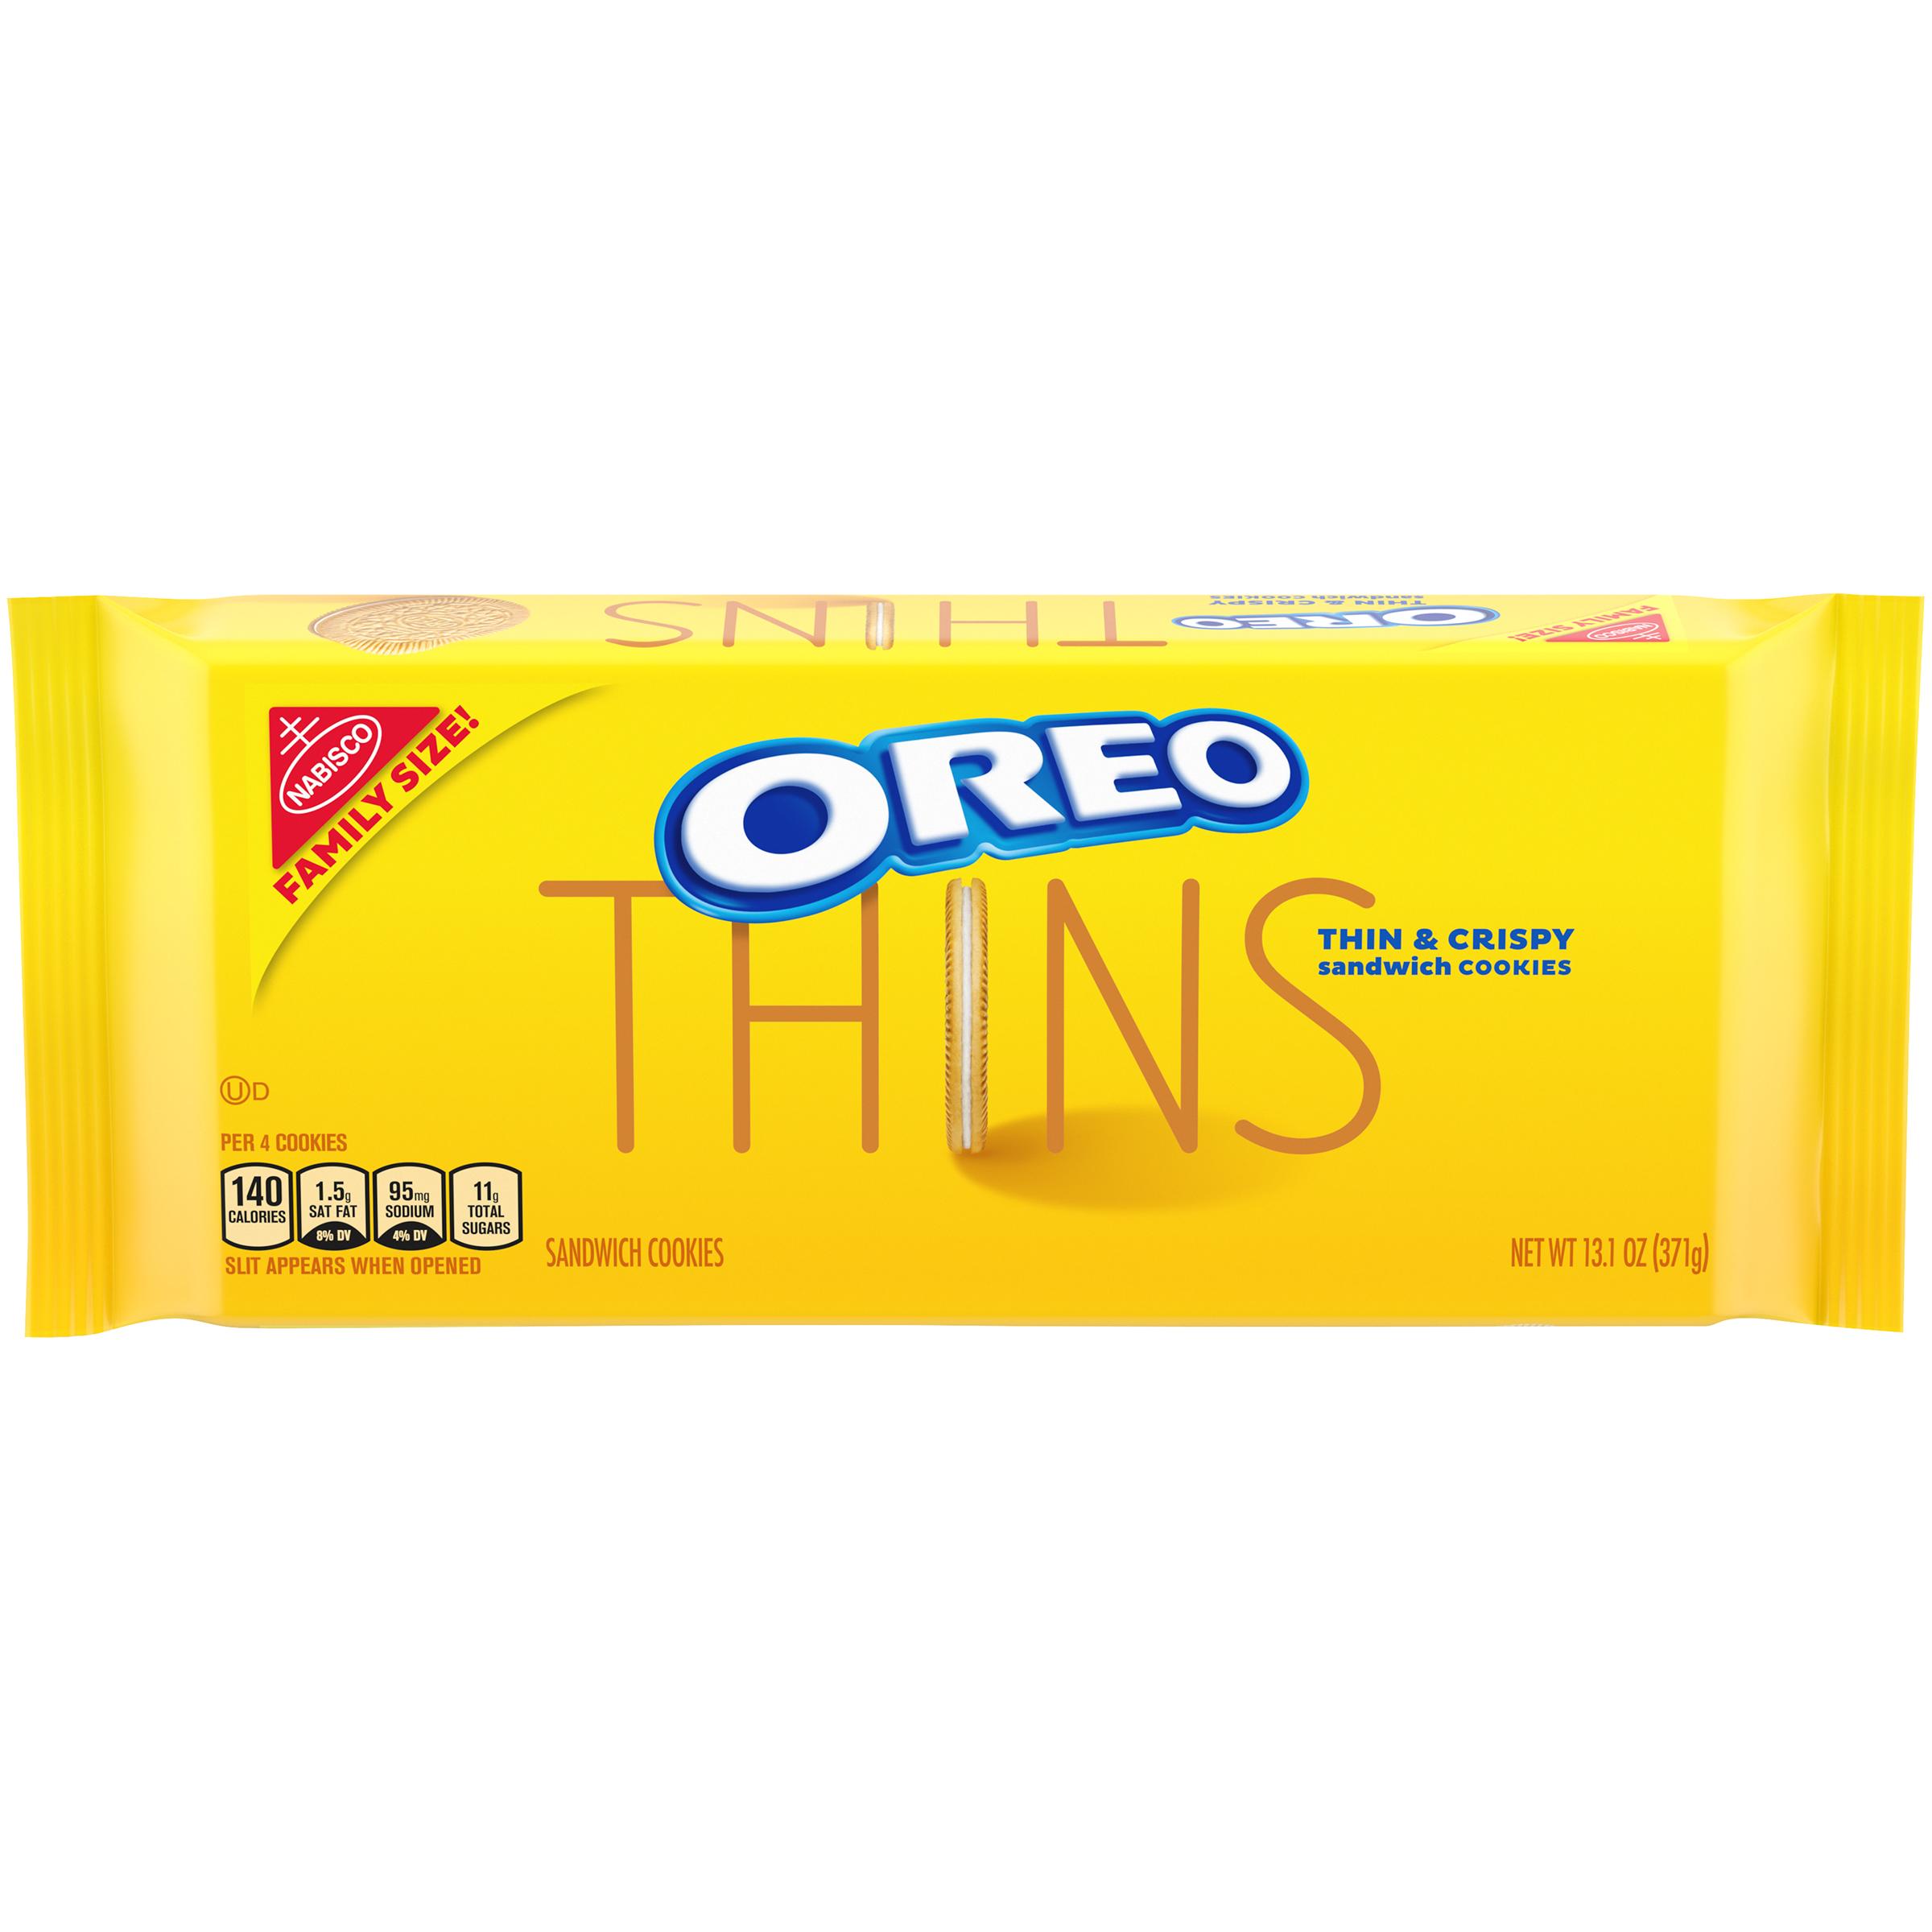 OREO Thins Golden Oreo Cookies 13.1 oz